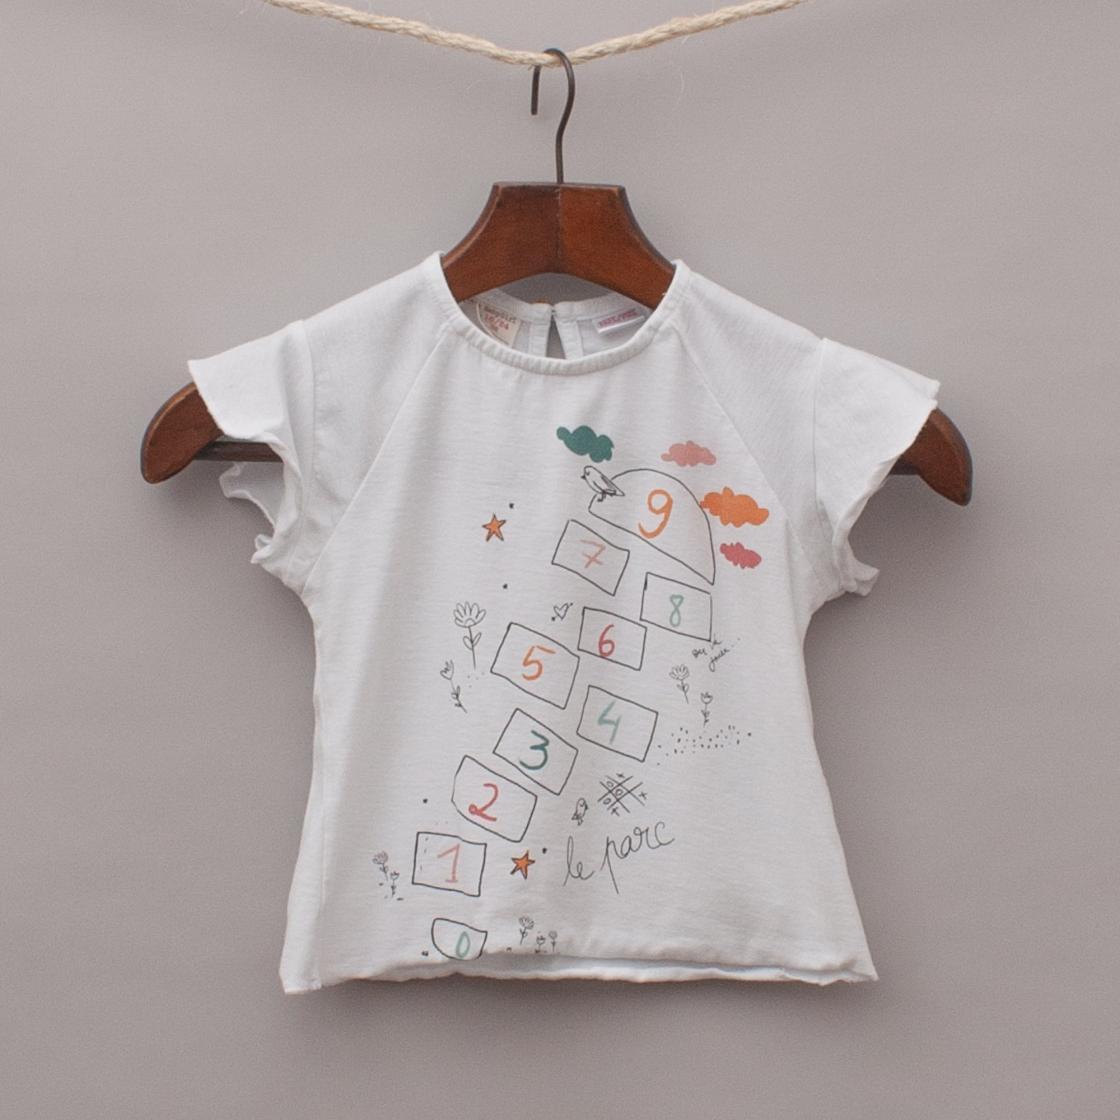 Zara Hop Scotch T-Shirt